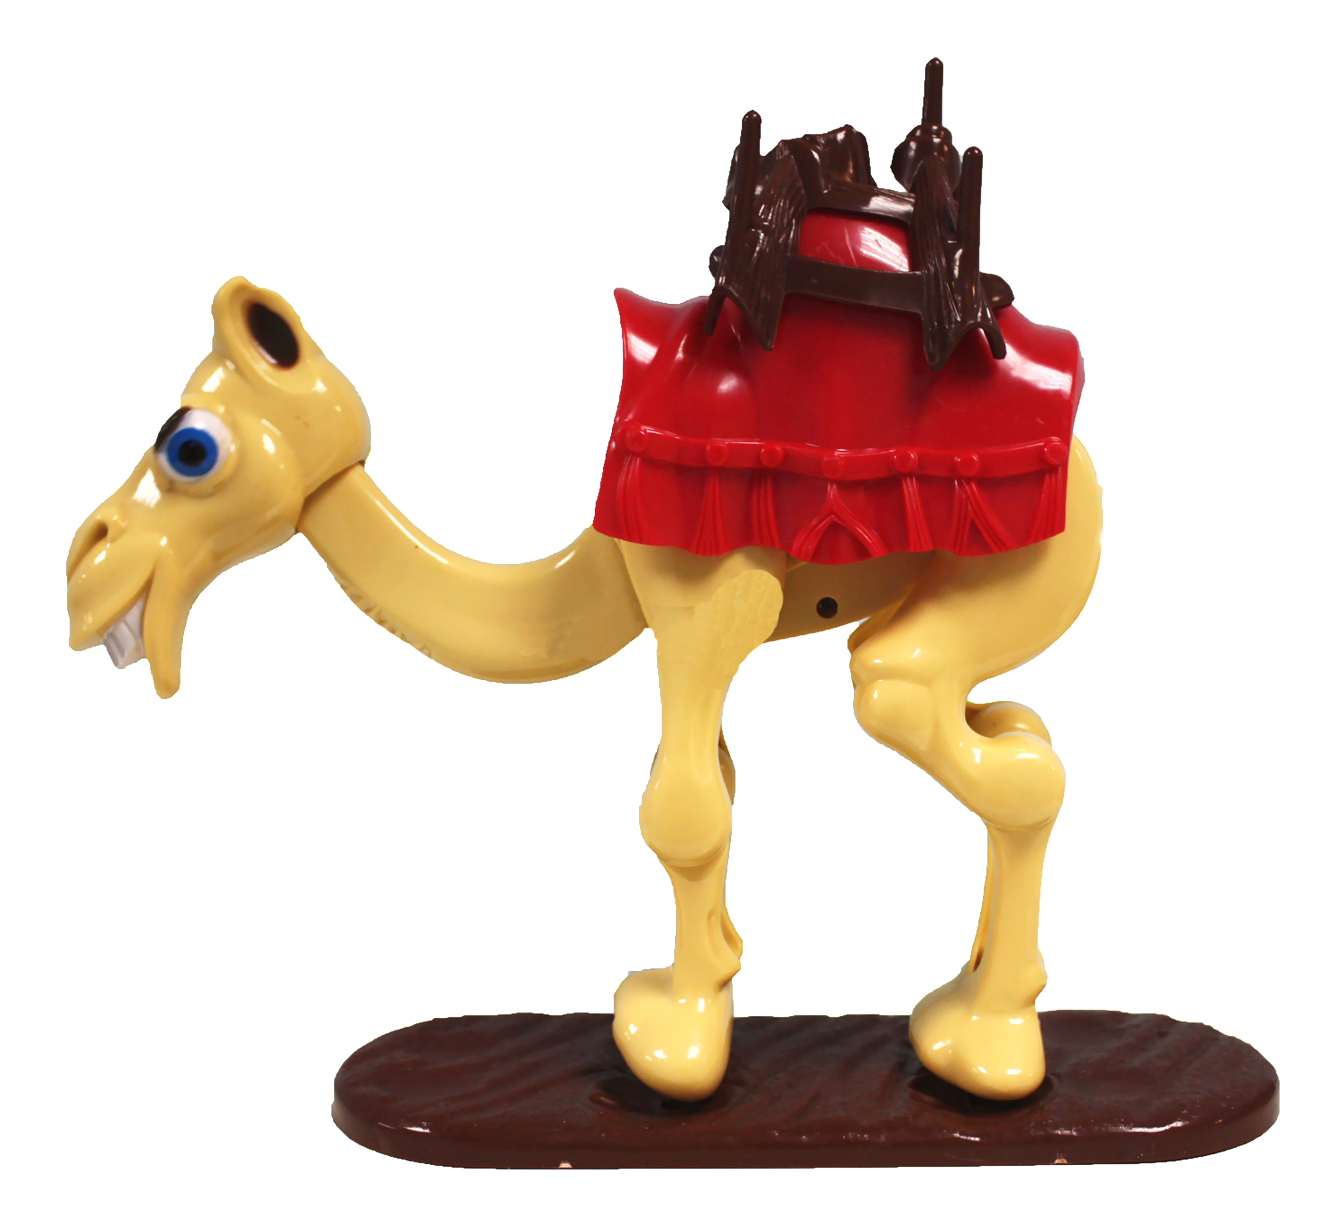 Семейная настольная игра Фортуна Али Баба и непослушный верблюд Али-Баба и непослушный верблюд